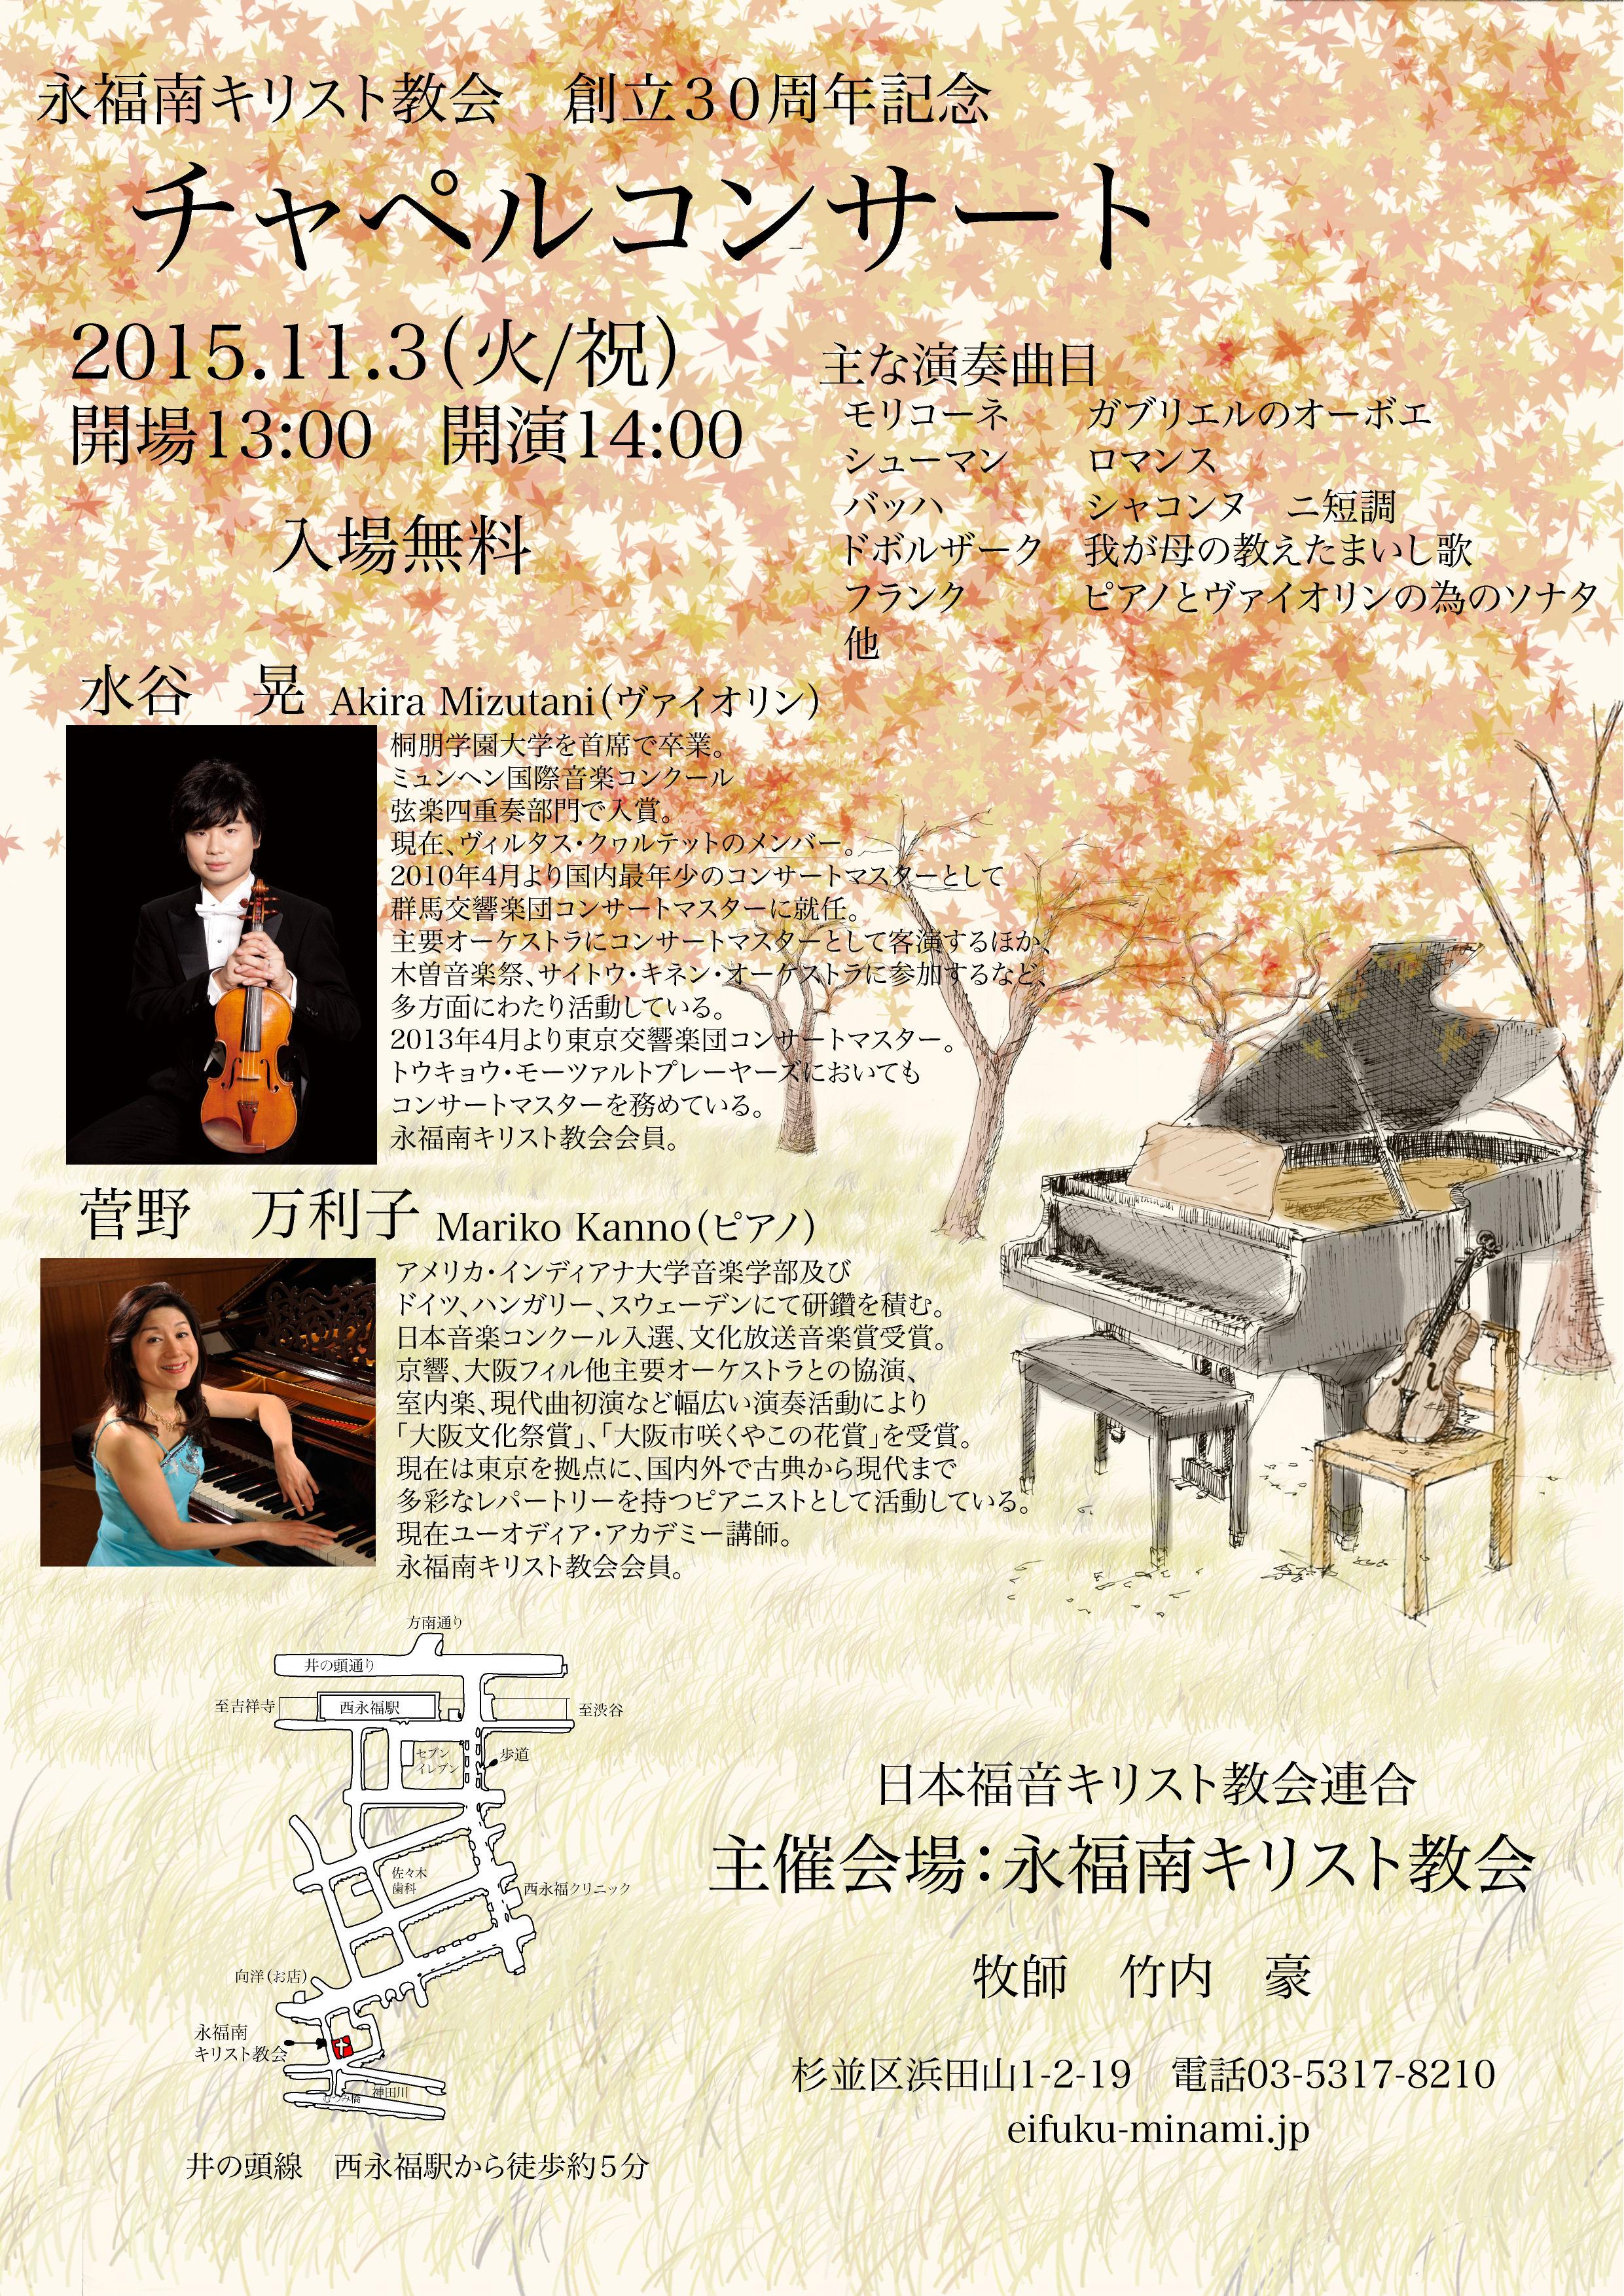 創立30周年記念チャペルコンサート